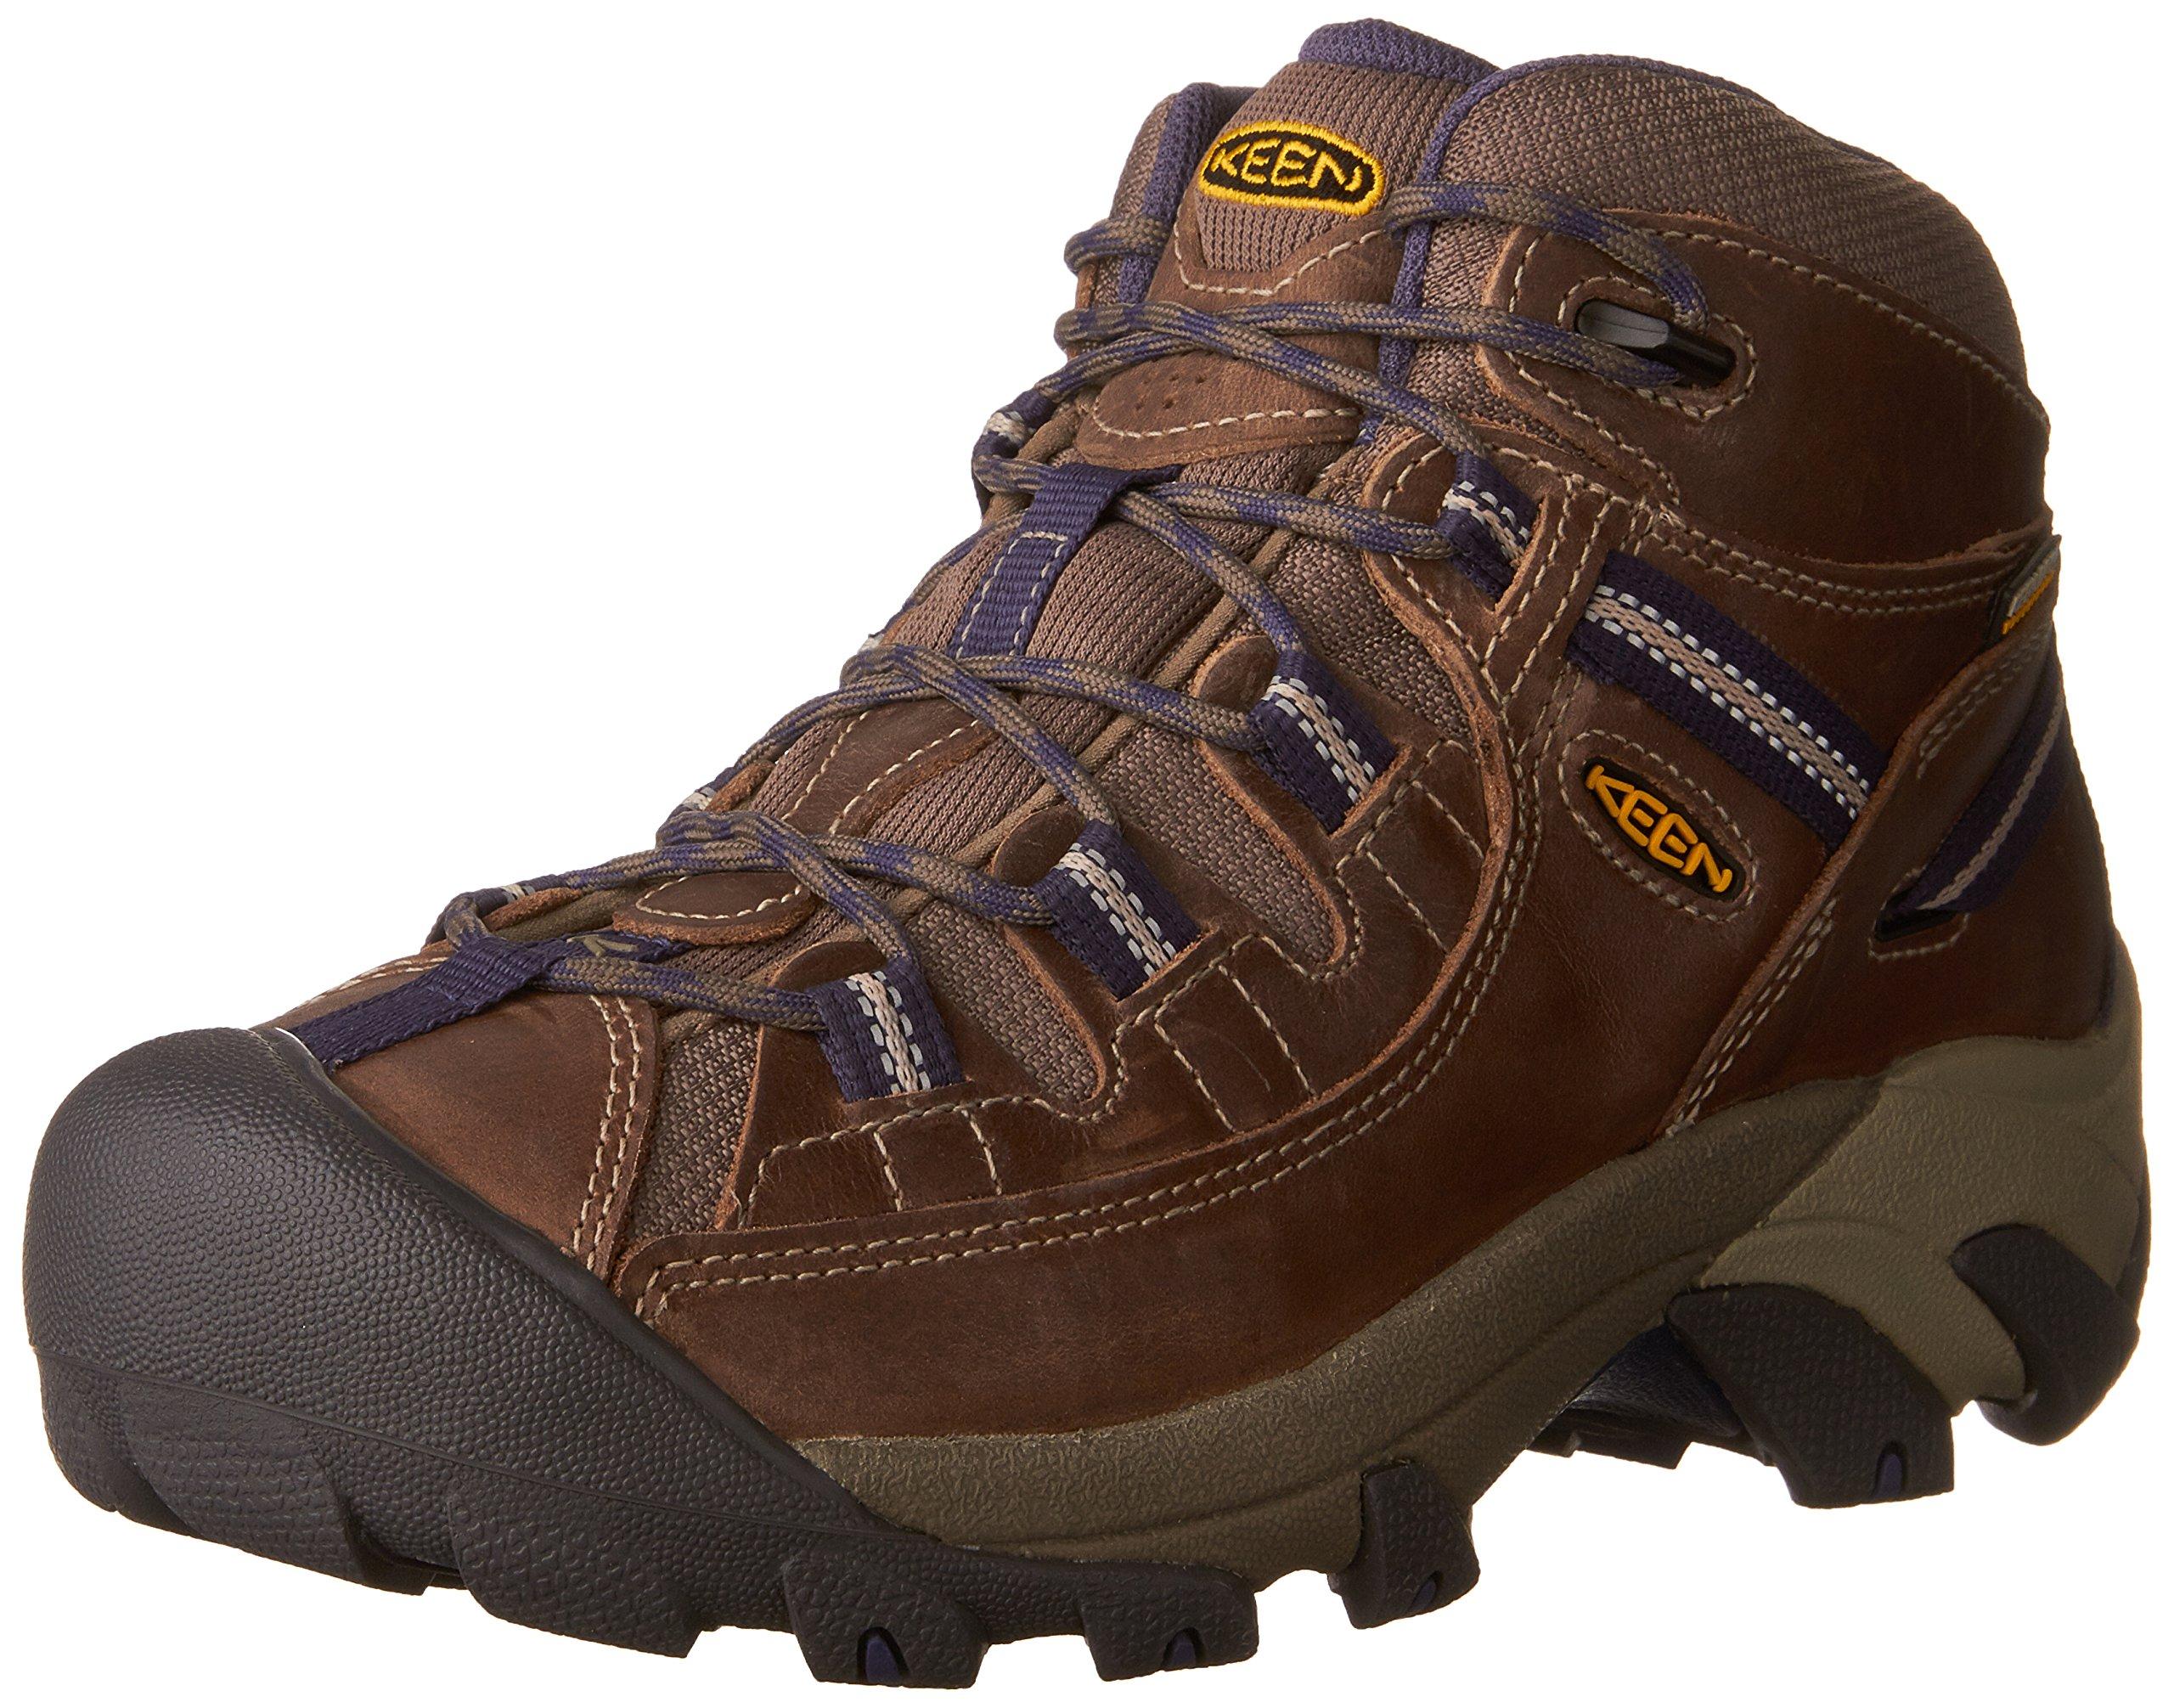 KEEN Women's Targhee II Mid WP-W Hiking Boot, Goat/Crown Blue, 6 M US